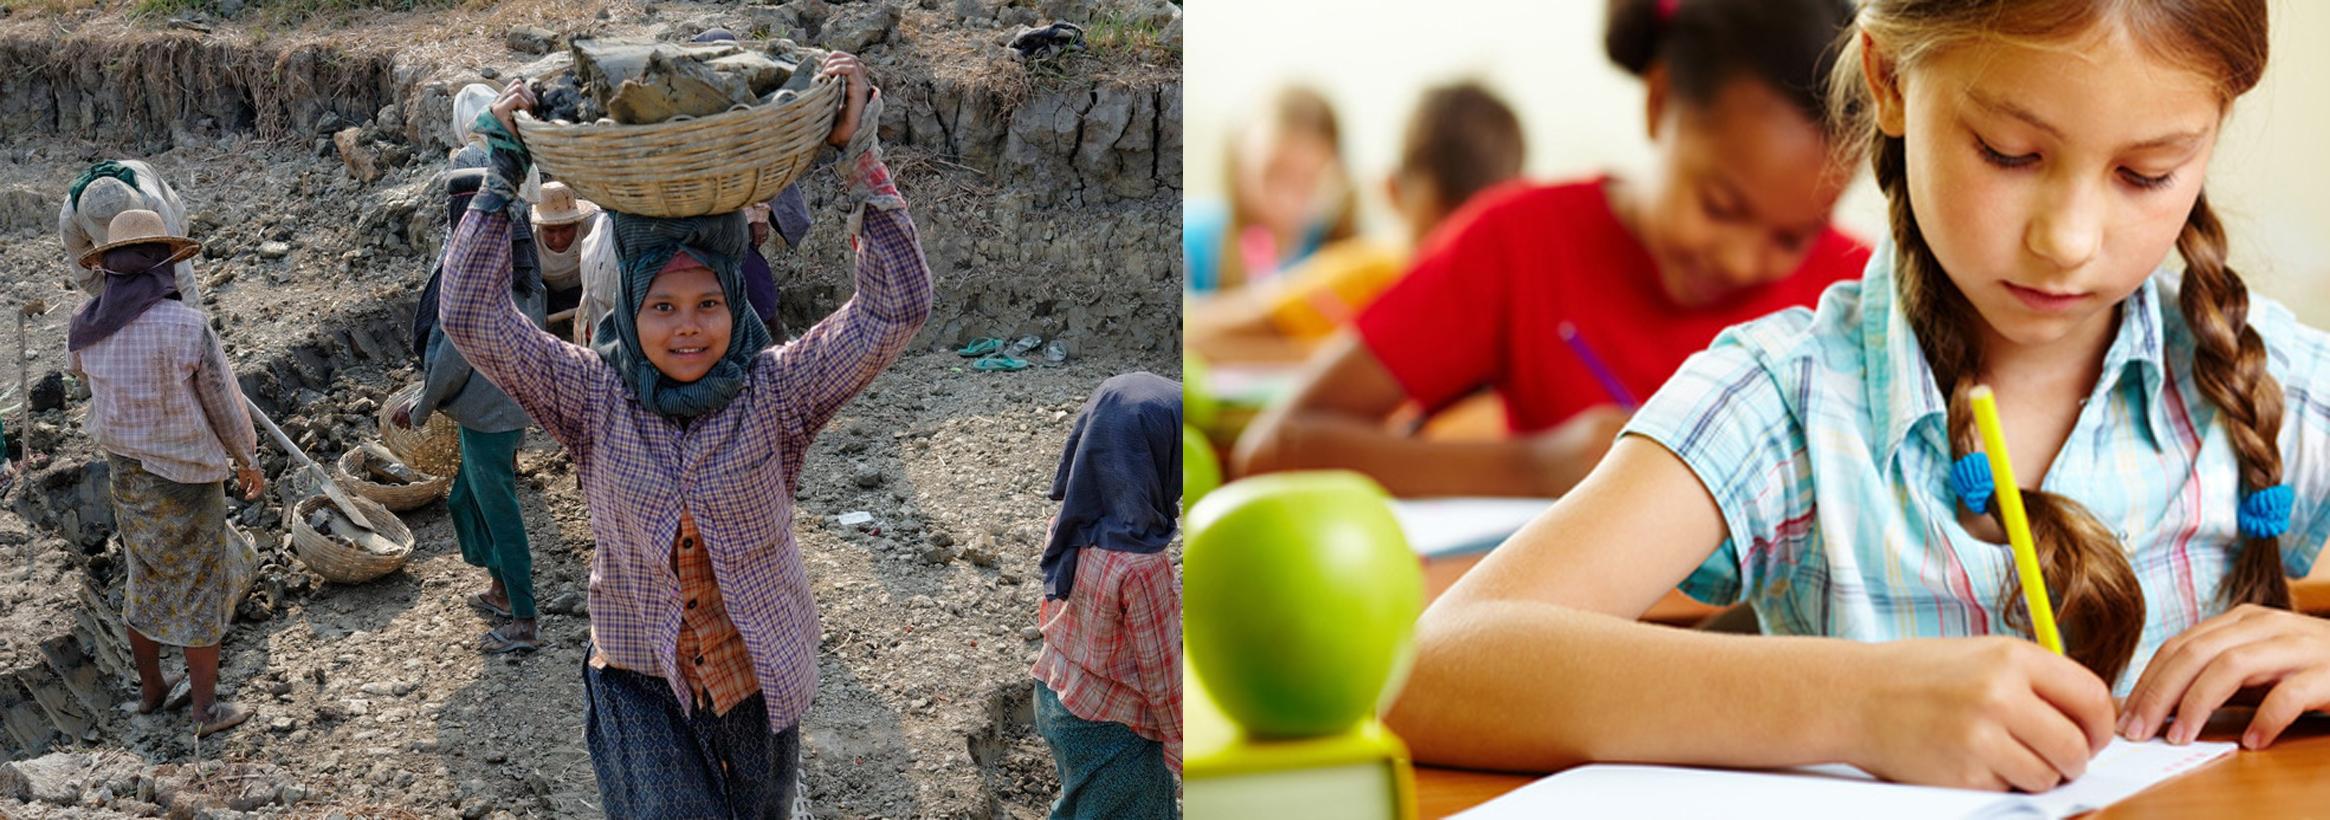 اليونسكو: 263 مليون طفل وفتى في العالم محرومون من التعليم المدرسي